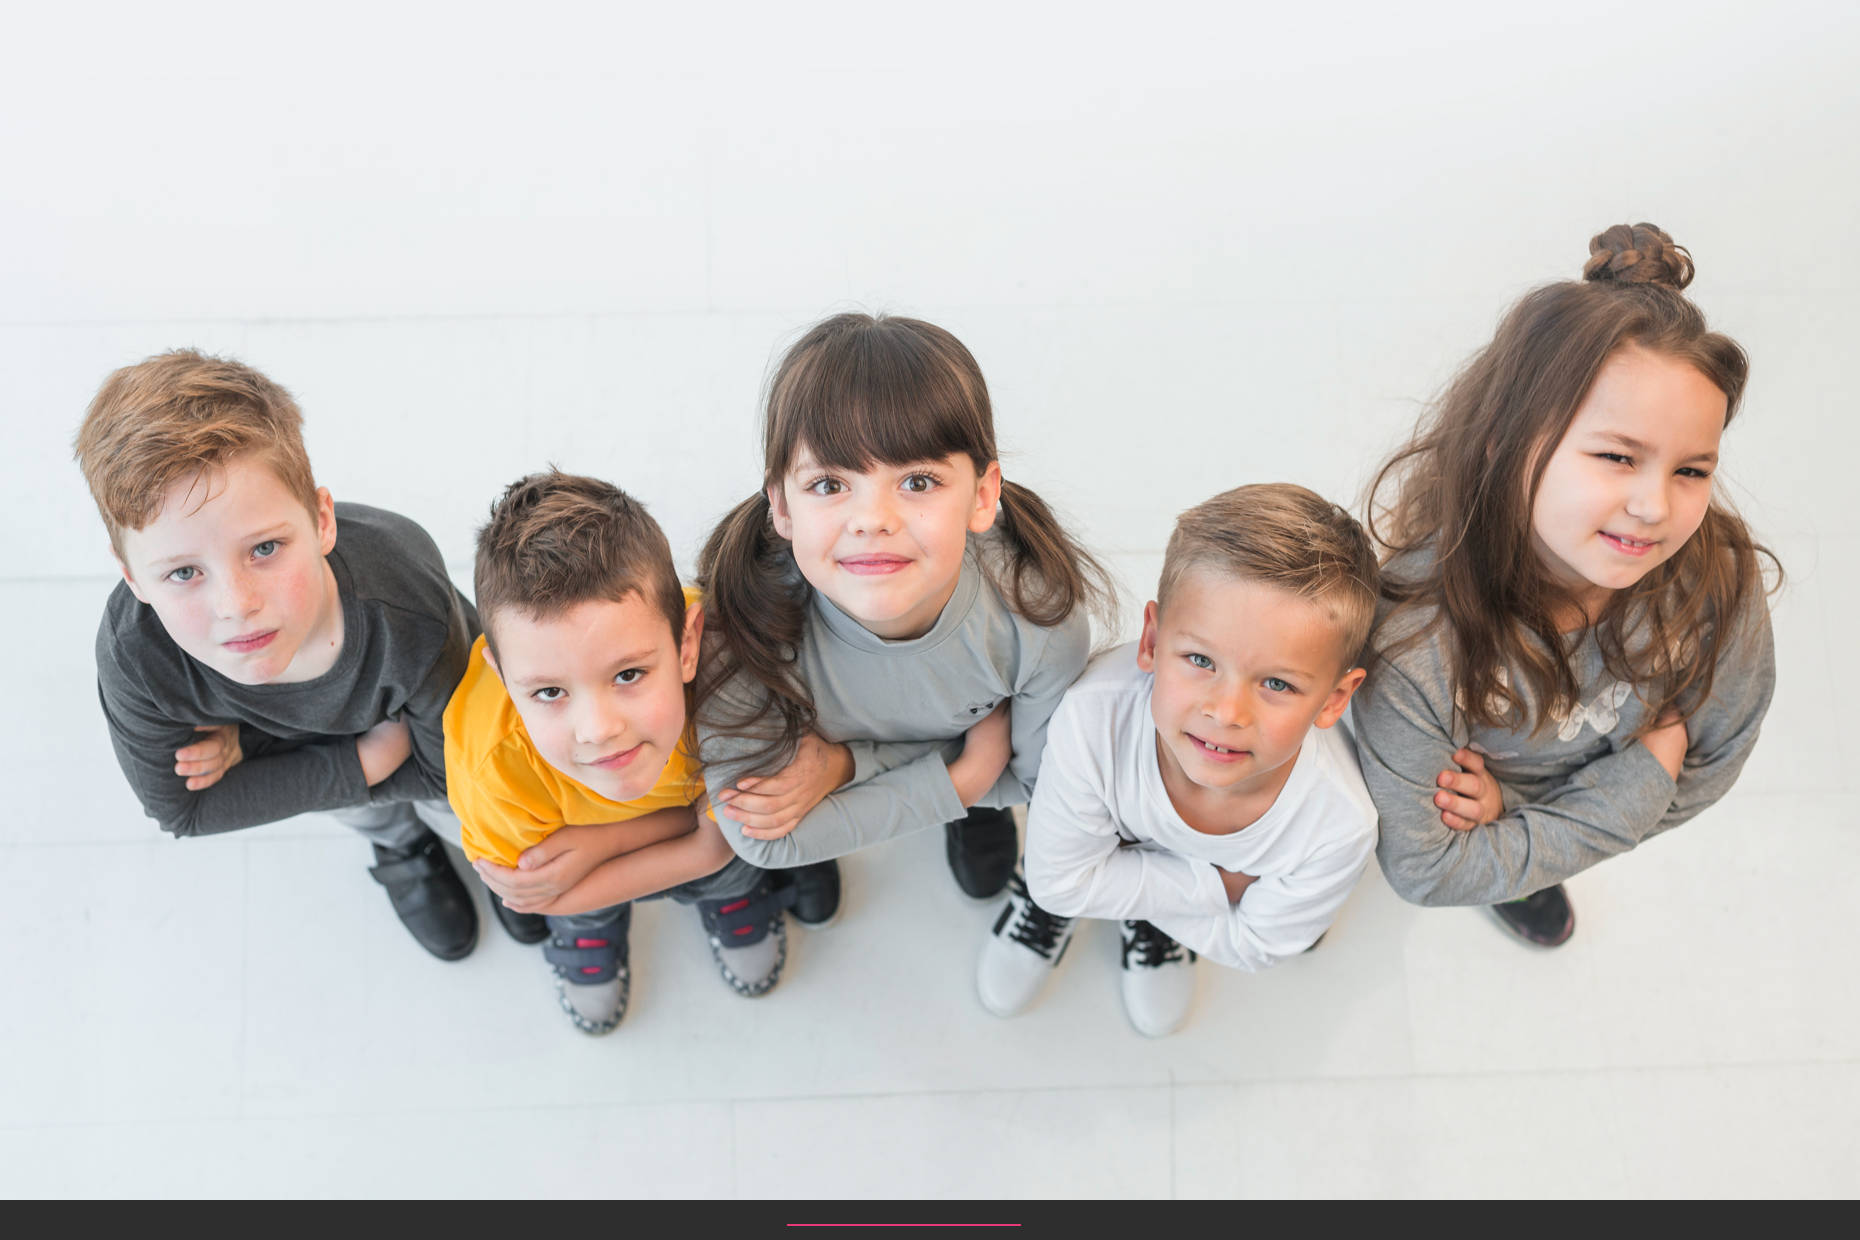 Altersgerechte Aufgaben für Kinder 6